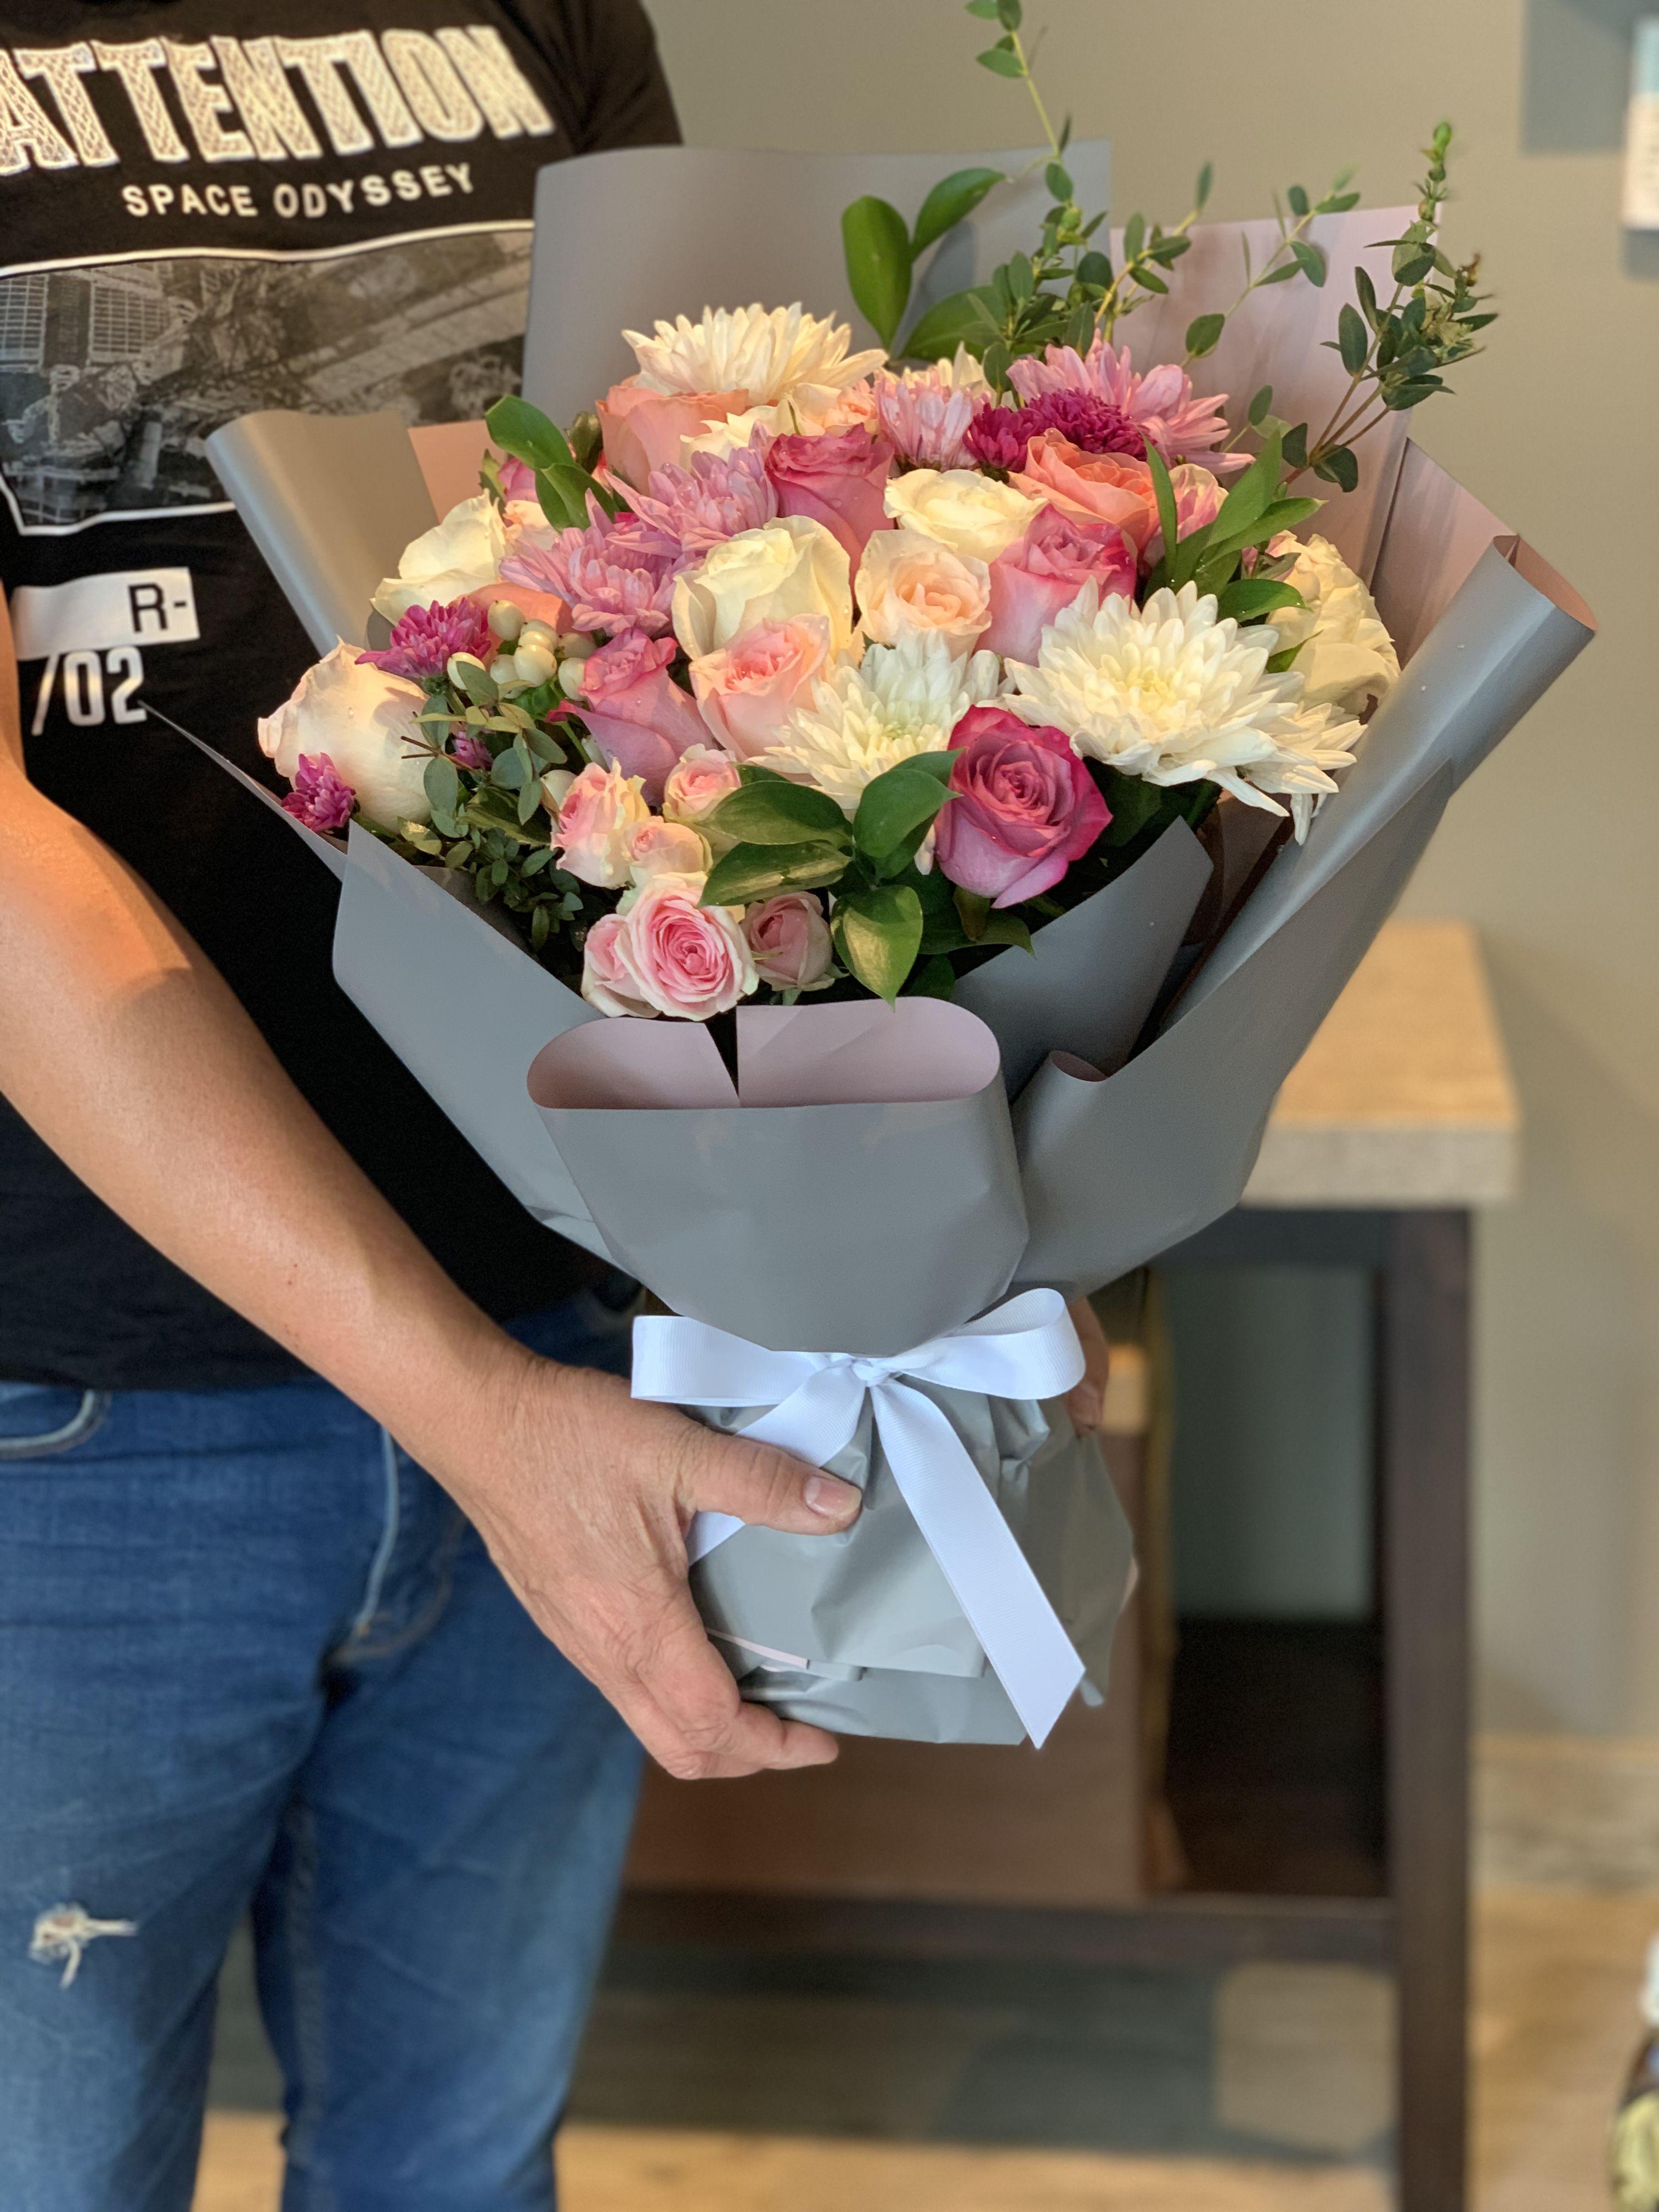 Pin By Fiori Bahrain On انمي Valentine Flower Arrangements Flower Arrangements Rustic Wedding